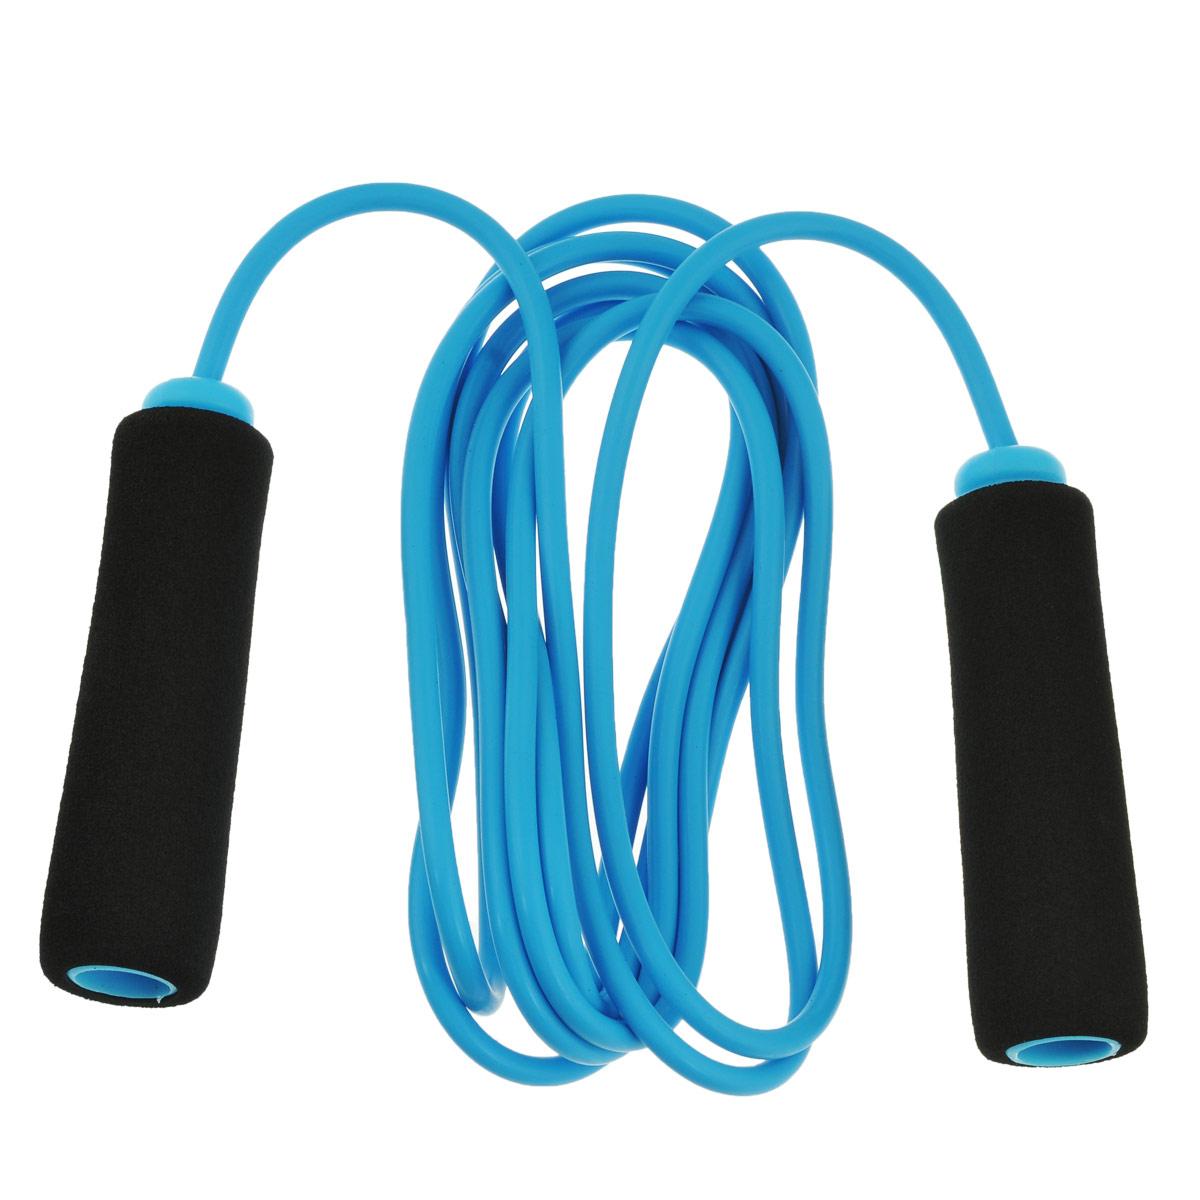 Скакалка Start Up Jump Rope, цвет: голубой. JR-15ASF 0085Скакалка Start Up Jump Rope предназначена для укрепления мышц рук, ног и общей тренировки. Благодаря особому, специально разработанному составу неопренового покрытия скакалку приятно держать в руках. Неопрен в течение всей тренировки отводит выделяющуюся влагу из зоны контакта ладони с рукояткой, оставляя ее сухой и не позволяявыскальзывать.Длина скакалки: 250 см.Размер ручки: 10 см х 2,8 см.